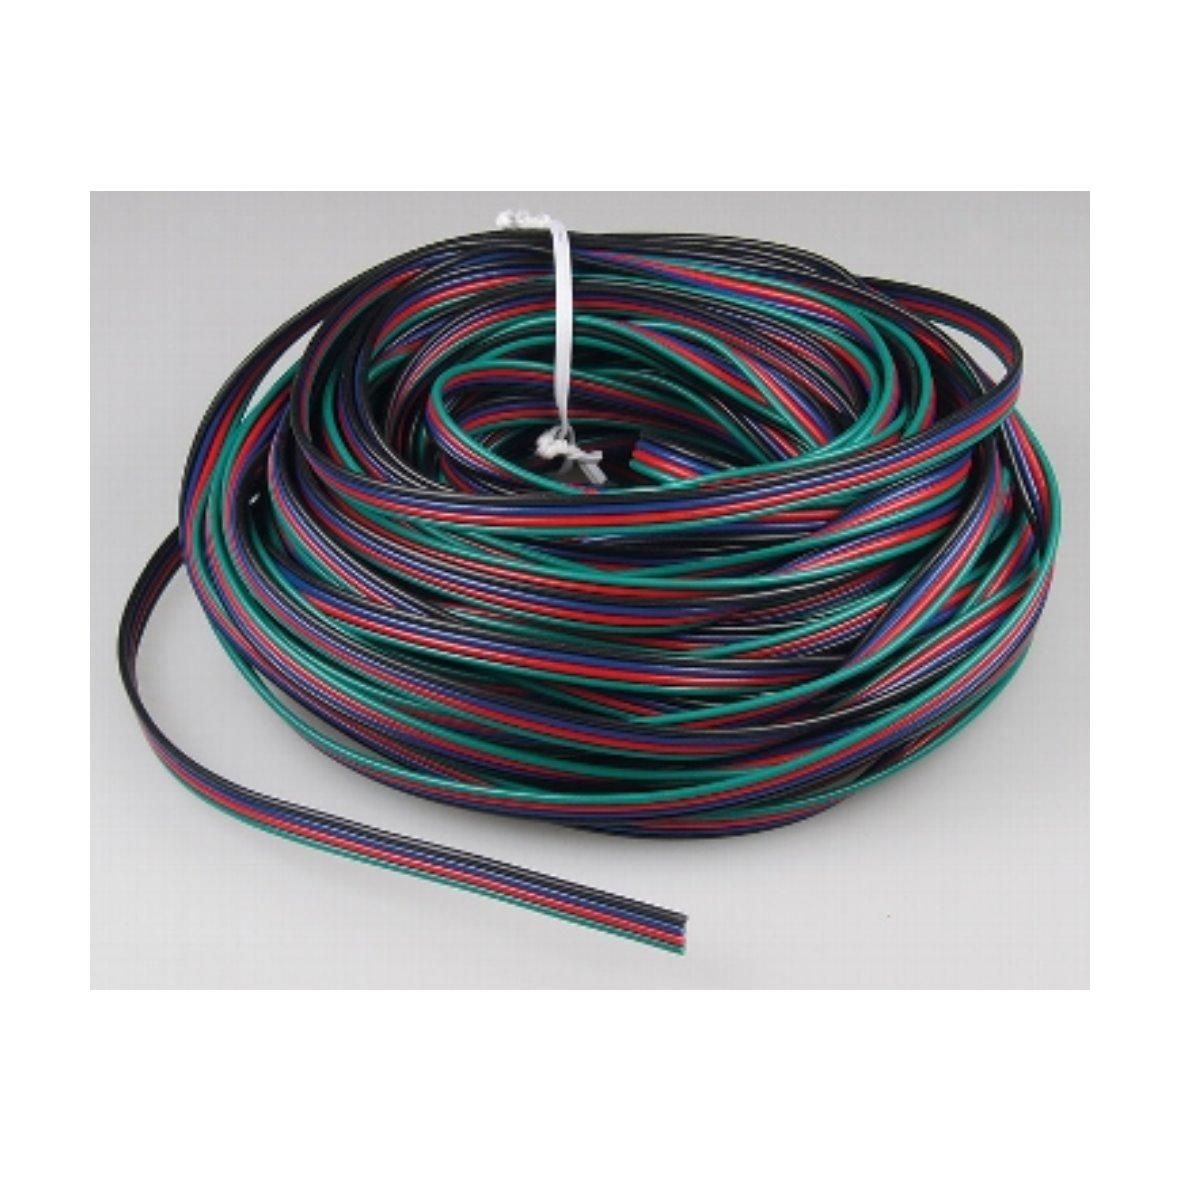 led lichtband strip adapter verbindungskabel kabel. Black Bedroom Furniture Sets. Home Design Ideas